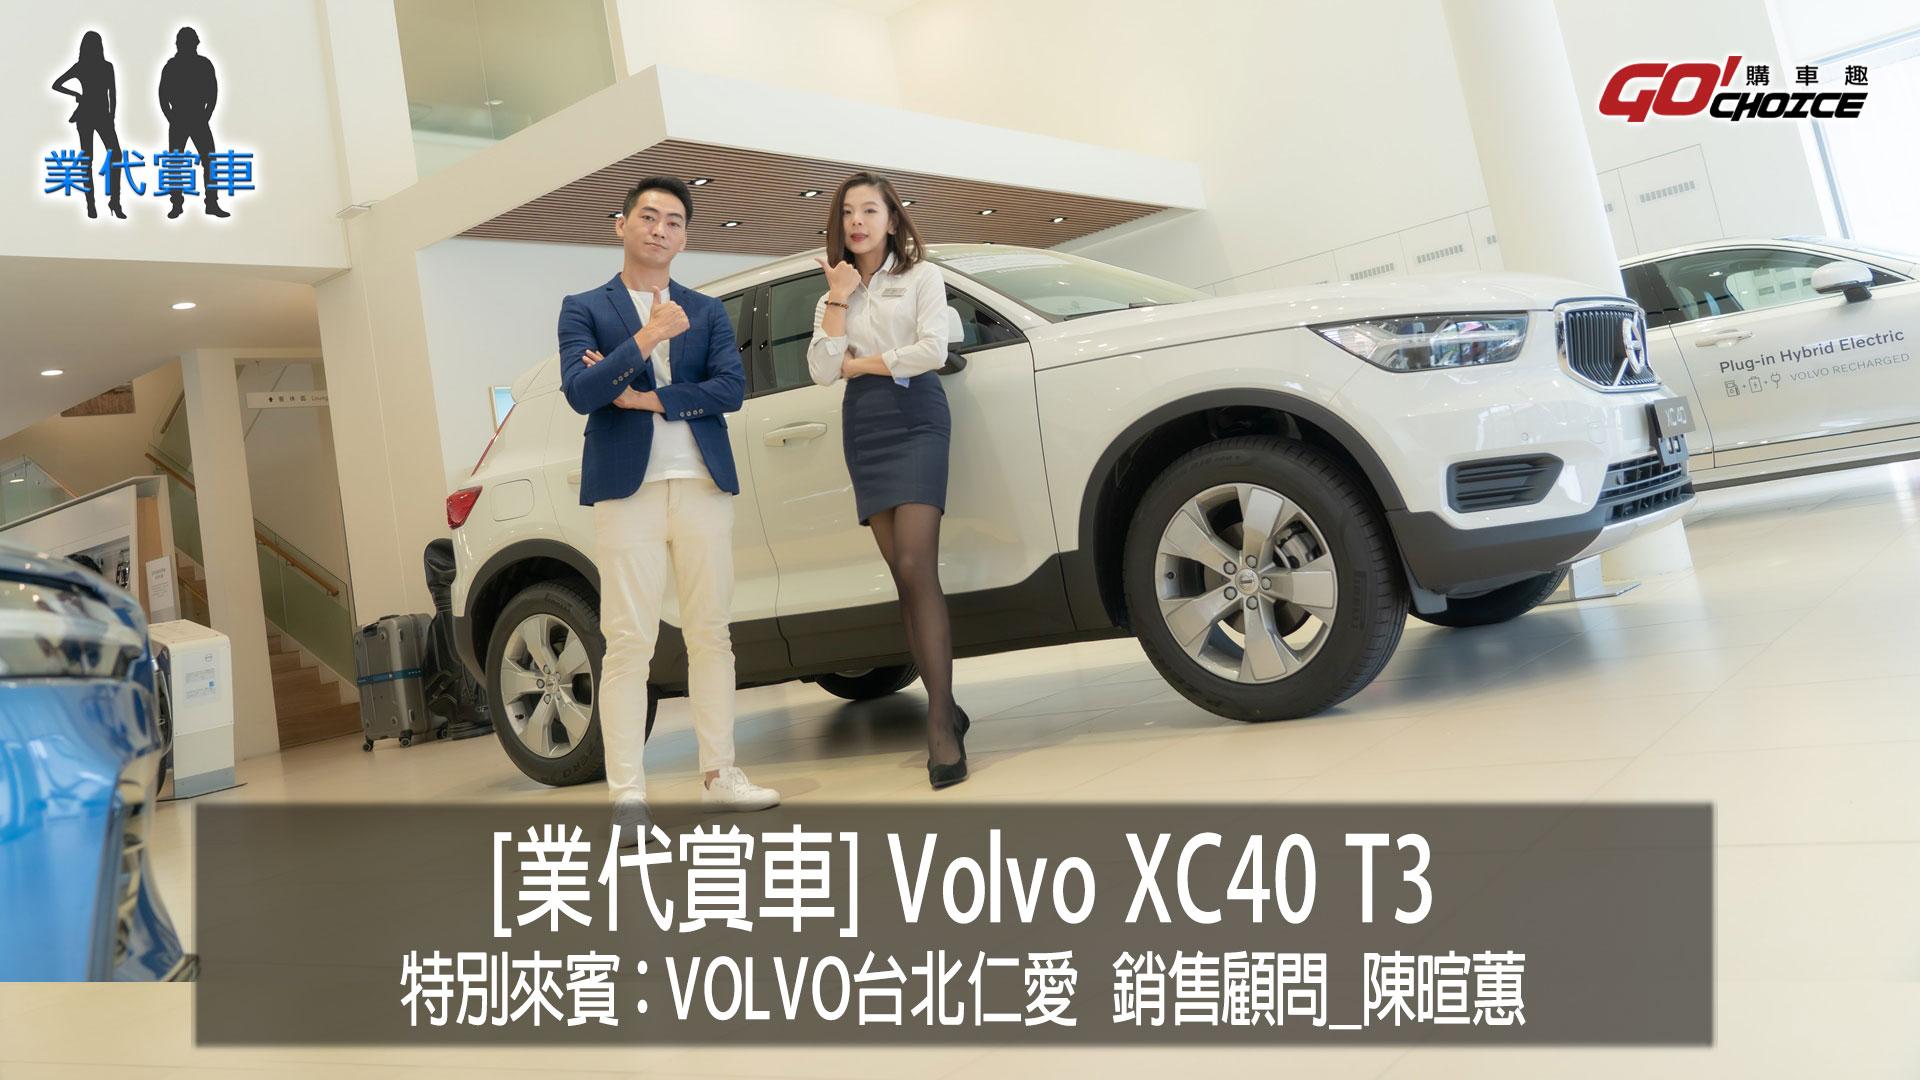 業代賞車-Volvo XC40 T3上市熱潮不斷,首波已接近售罄,到底XC40魅力在哪?!銷售顧問 VOLVO台北_陳暄蕙